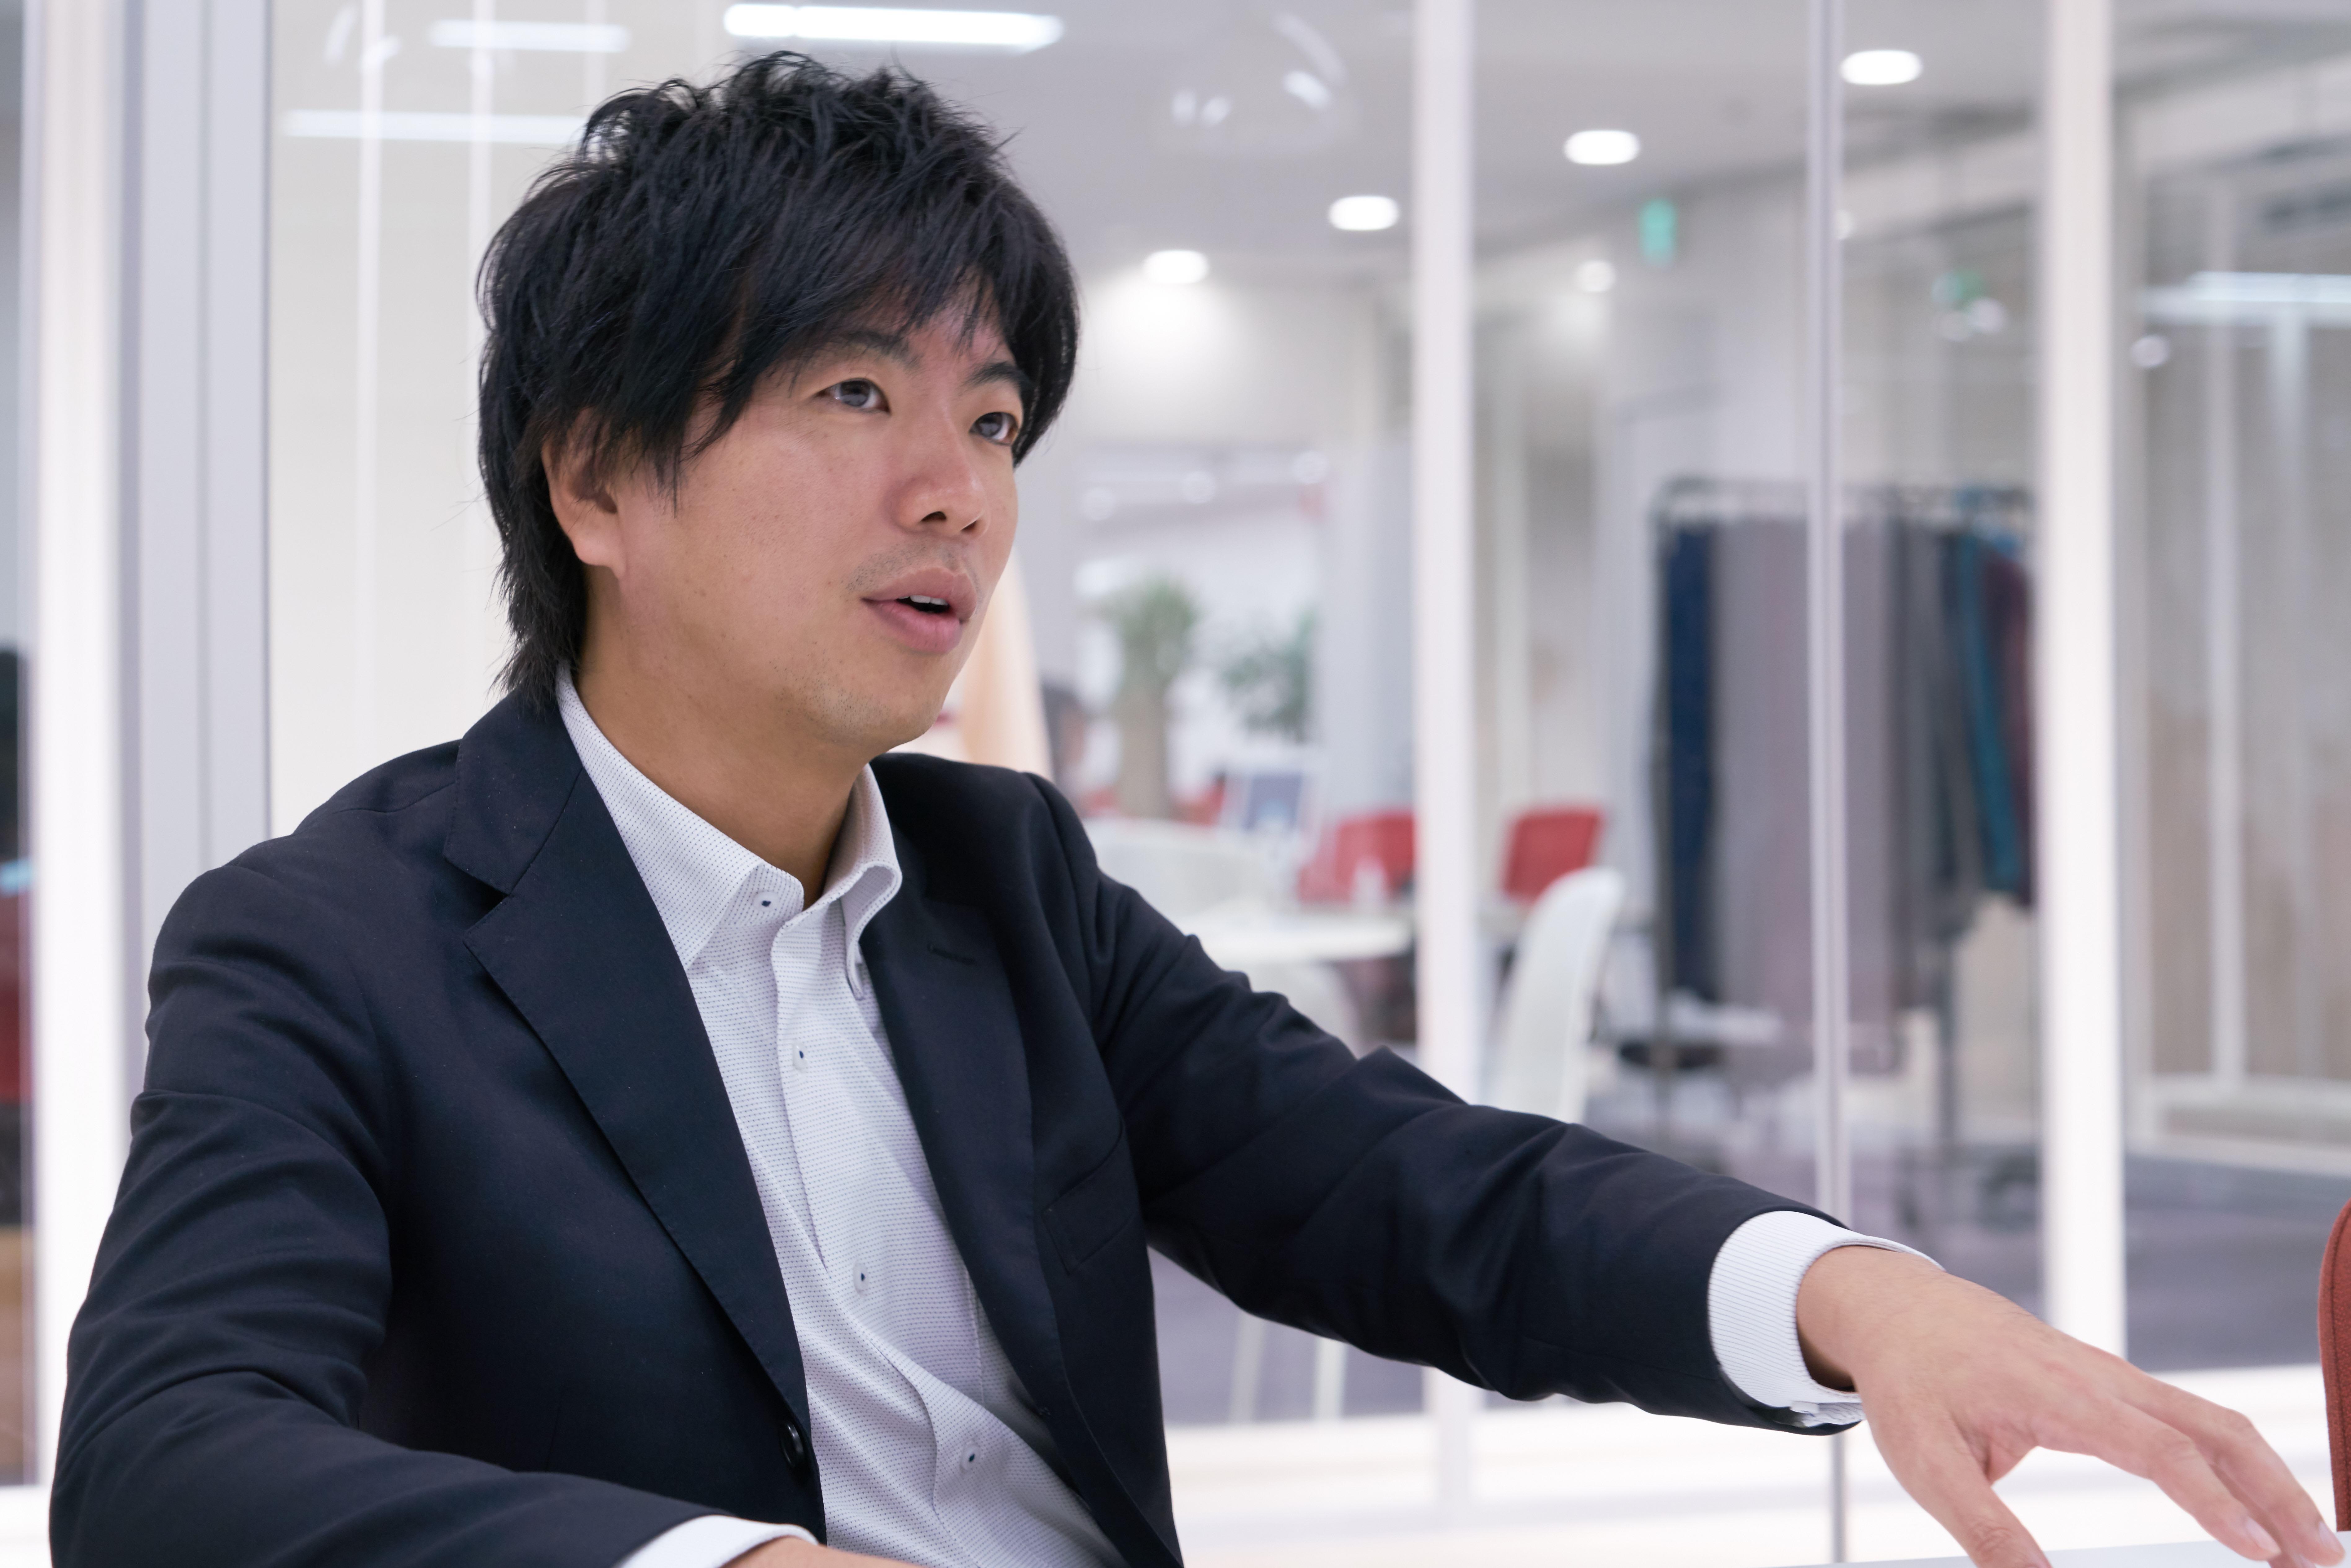 株式会社エアークローゼット 天沼聰さんさん